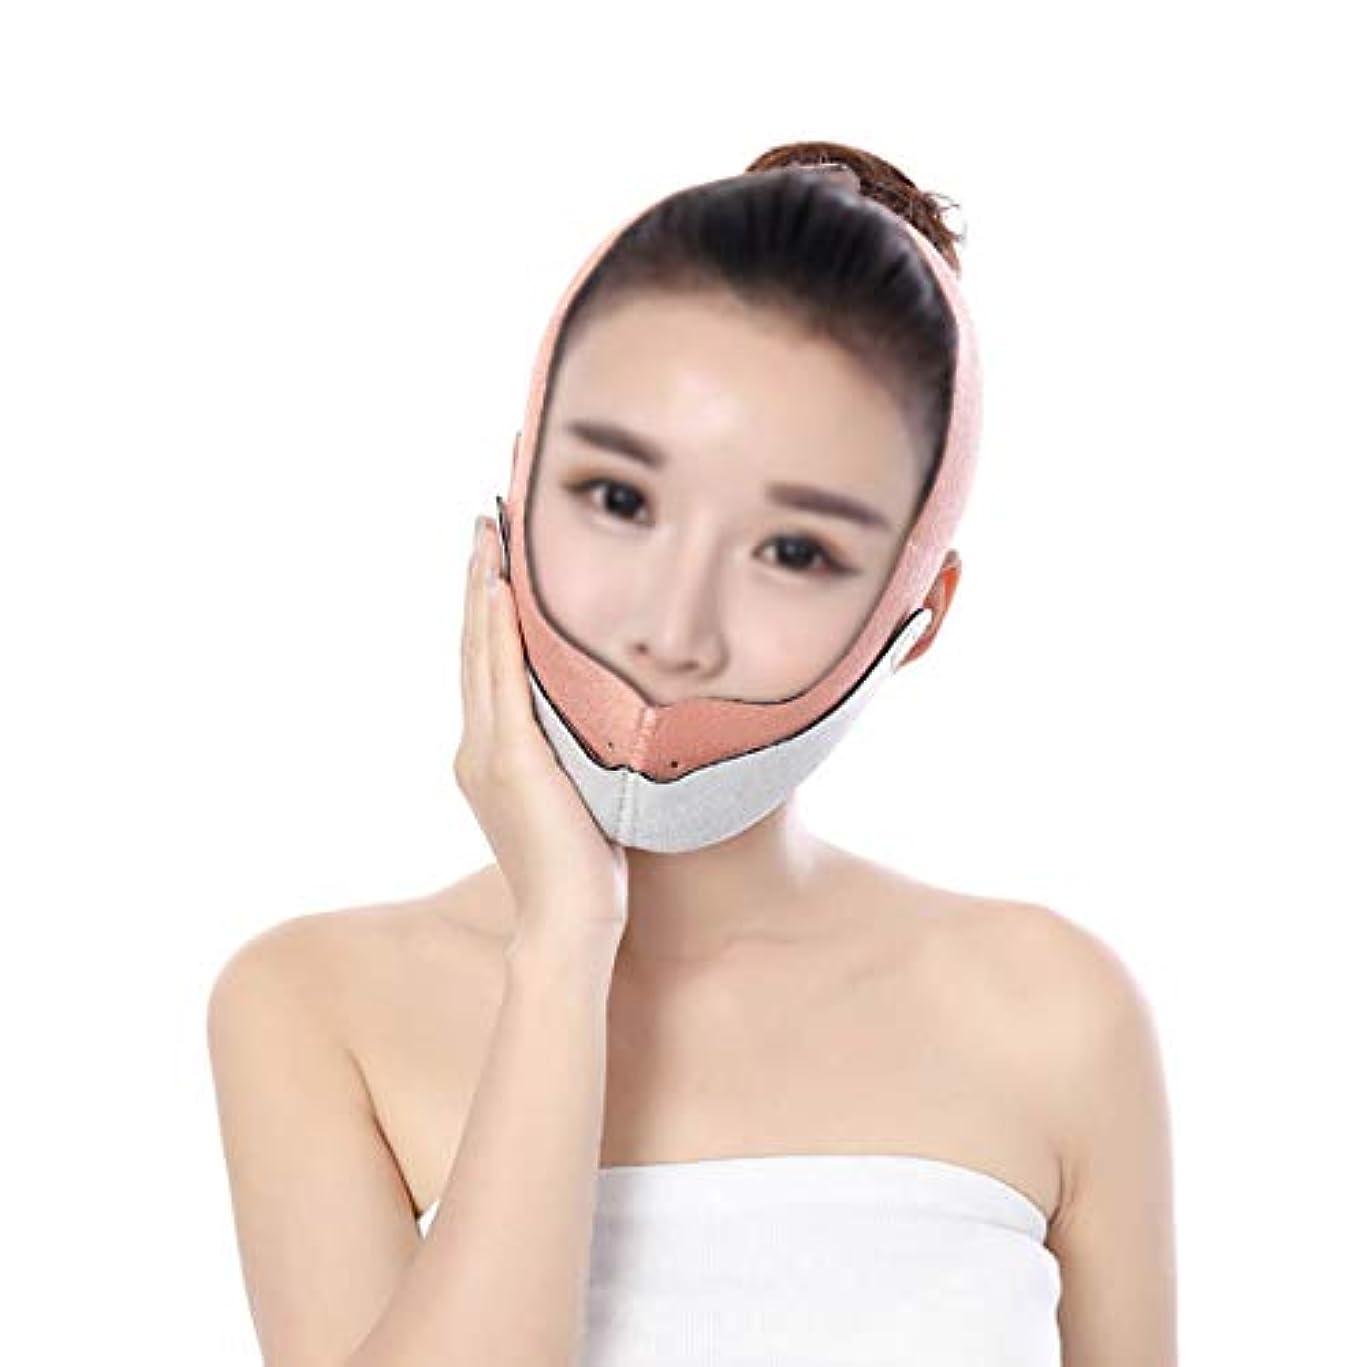 ためらう漁師人形TLMY ファーミングマスク薄い顔アーティファクト補正フェイスリフティングアンチたるみ包帯美容マスクマスクVフェイスクロスツール 顔用整形マスク